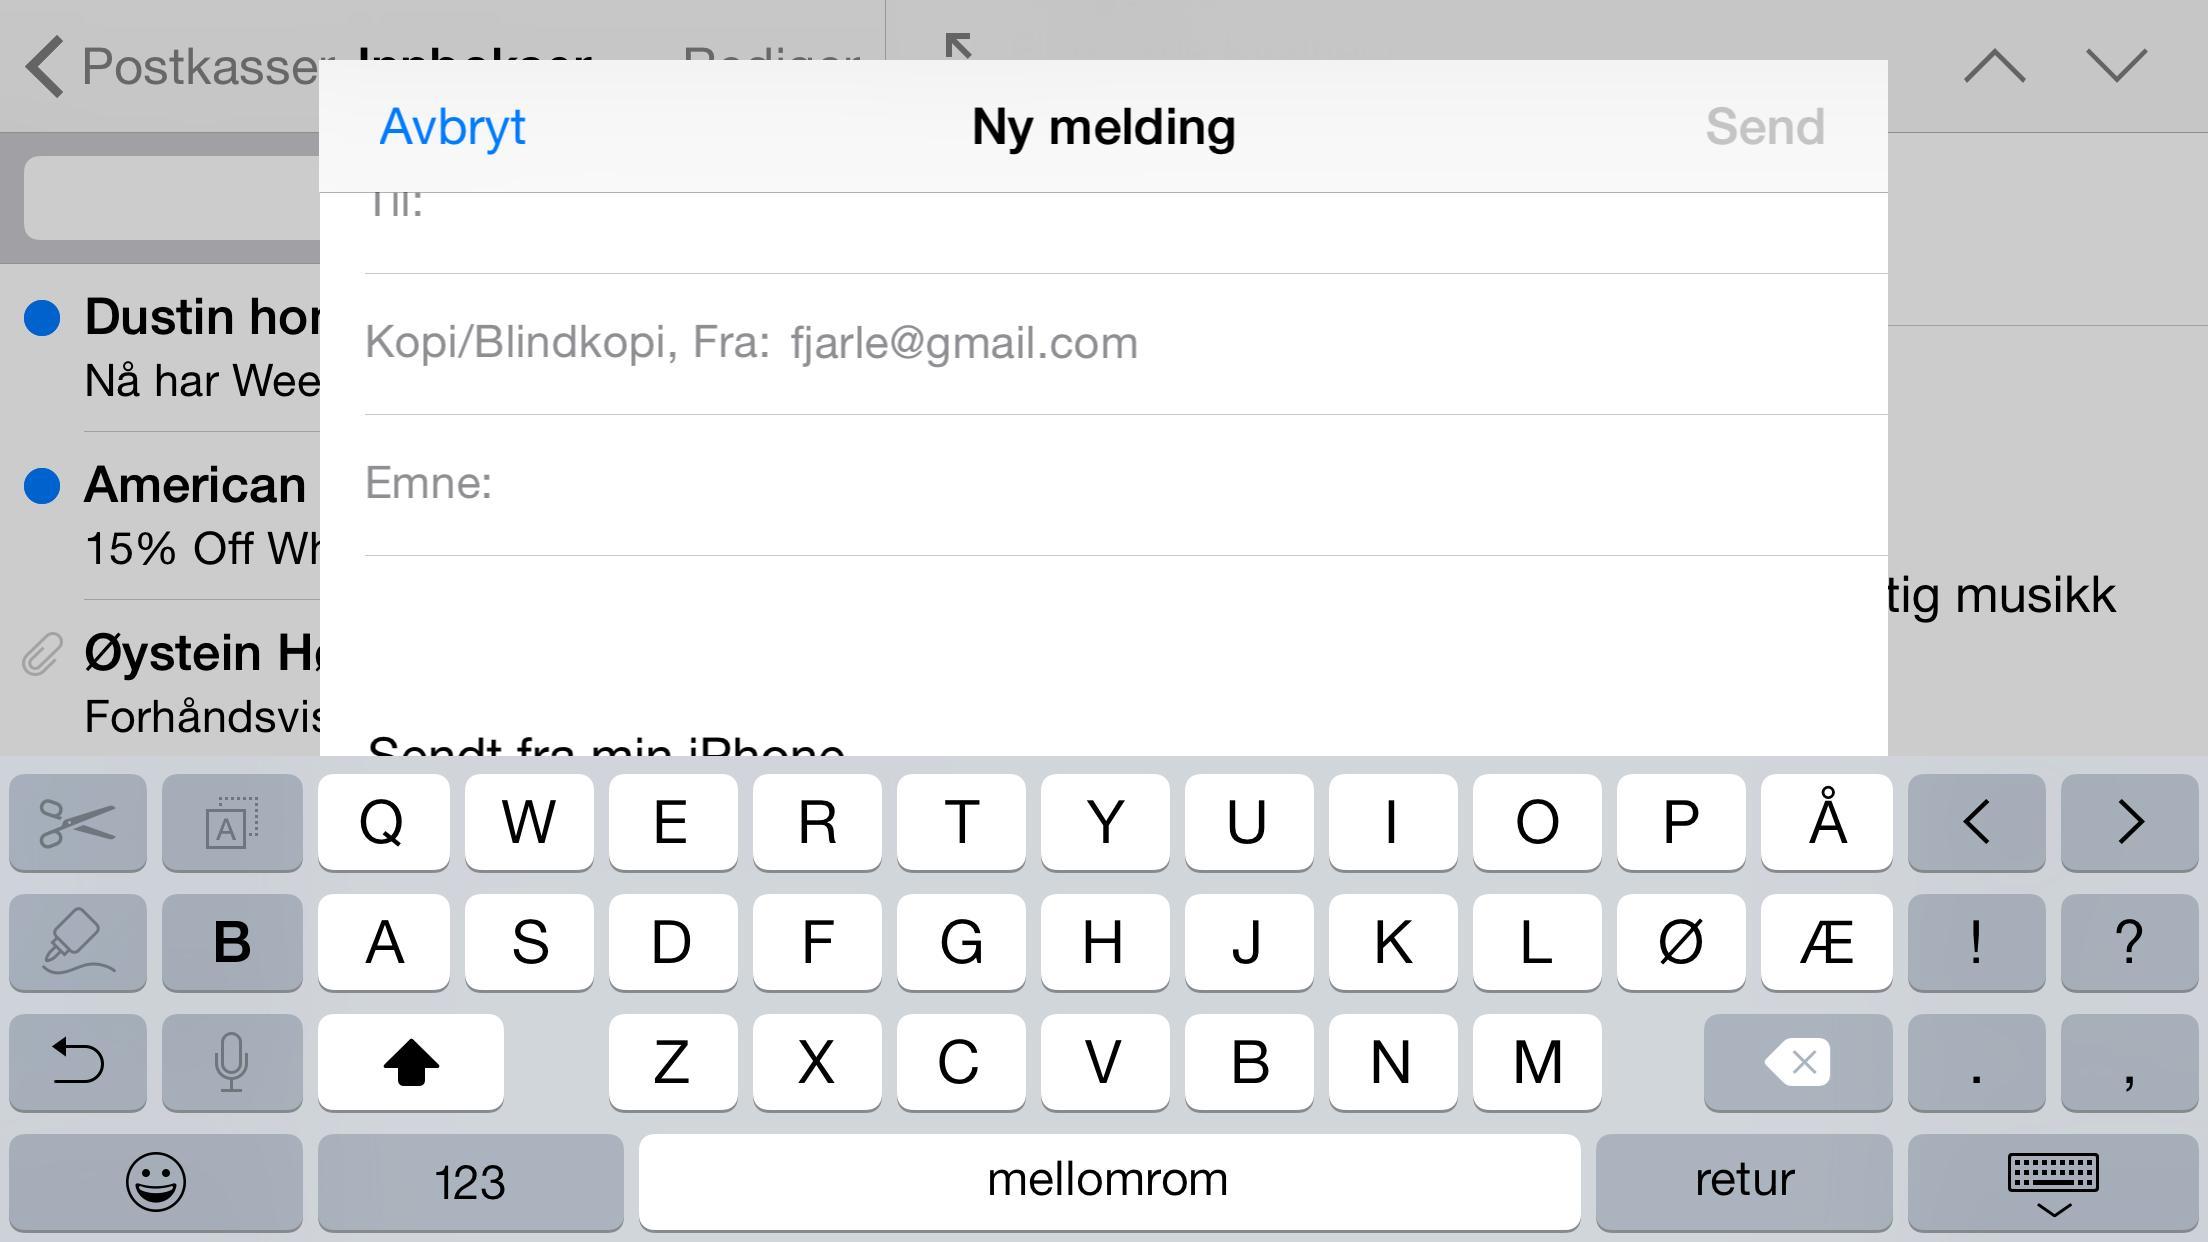 Et utvidet tastatur med klipp- og limfunksjoner har det også blitt plass til.Foto: Finn Jarle Kvalheim, Amobil.no